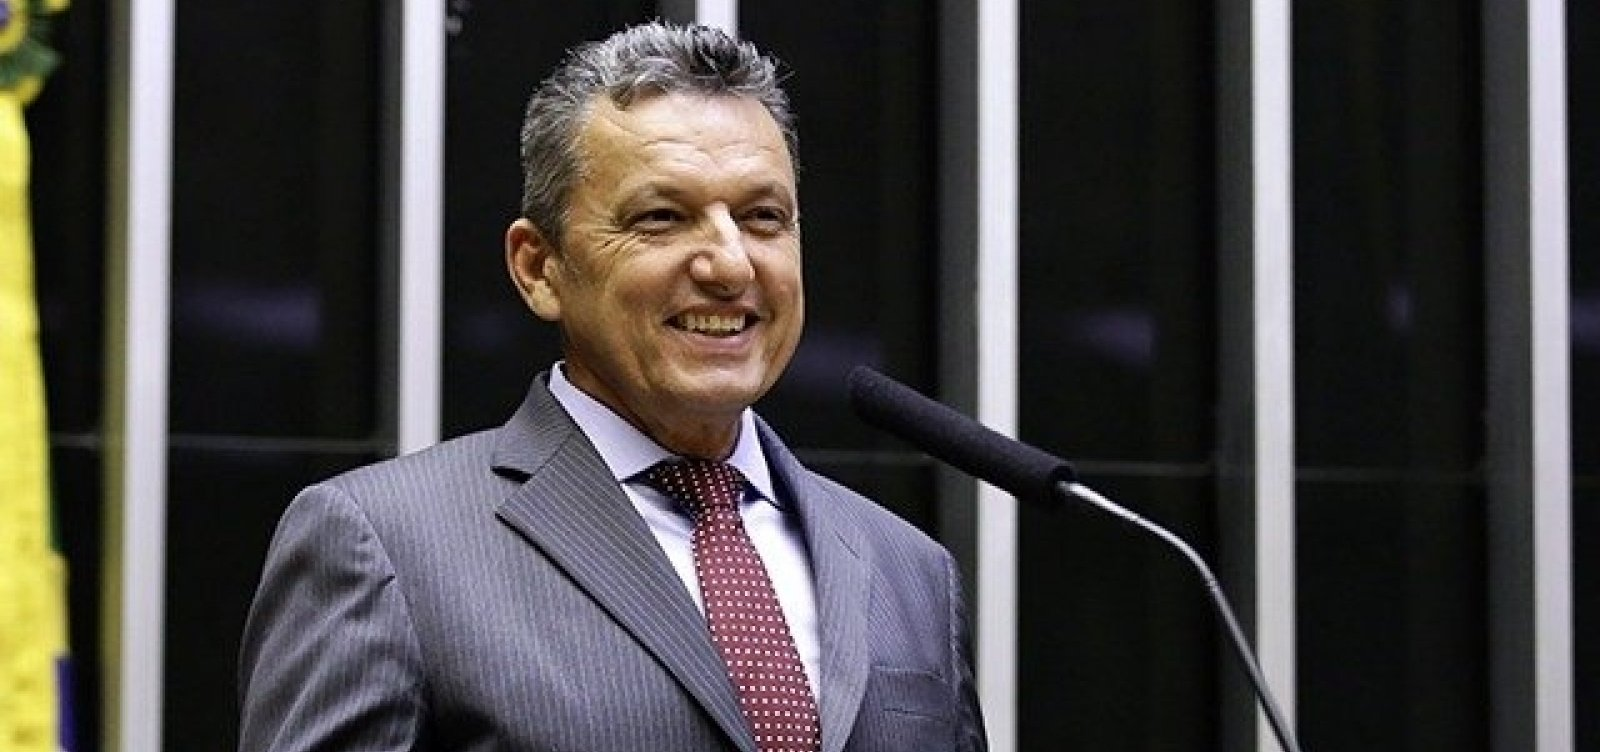 Justiça bloqueia bens de ex-prefeito de Guanambi e mais seis